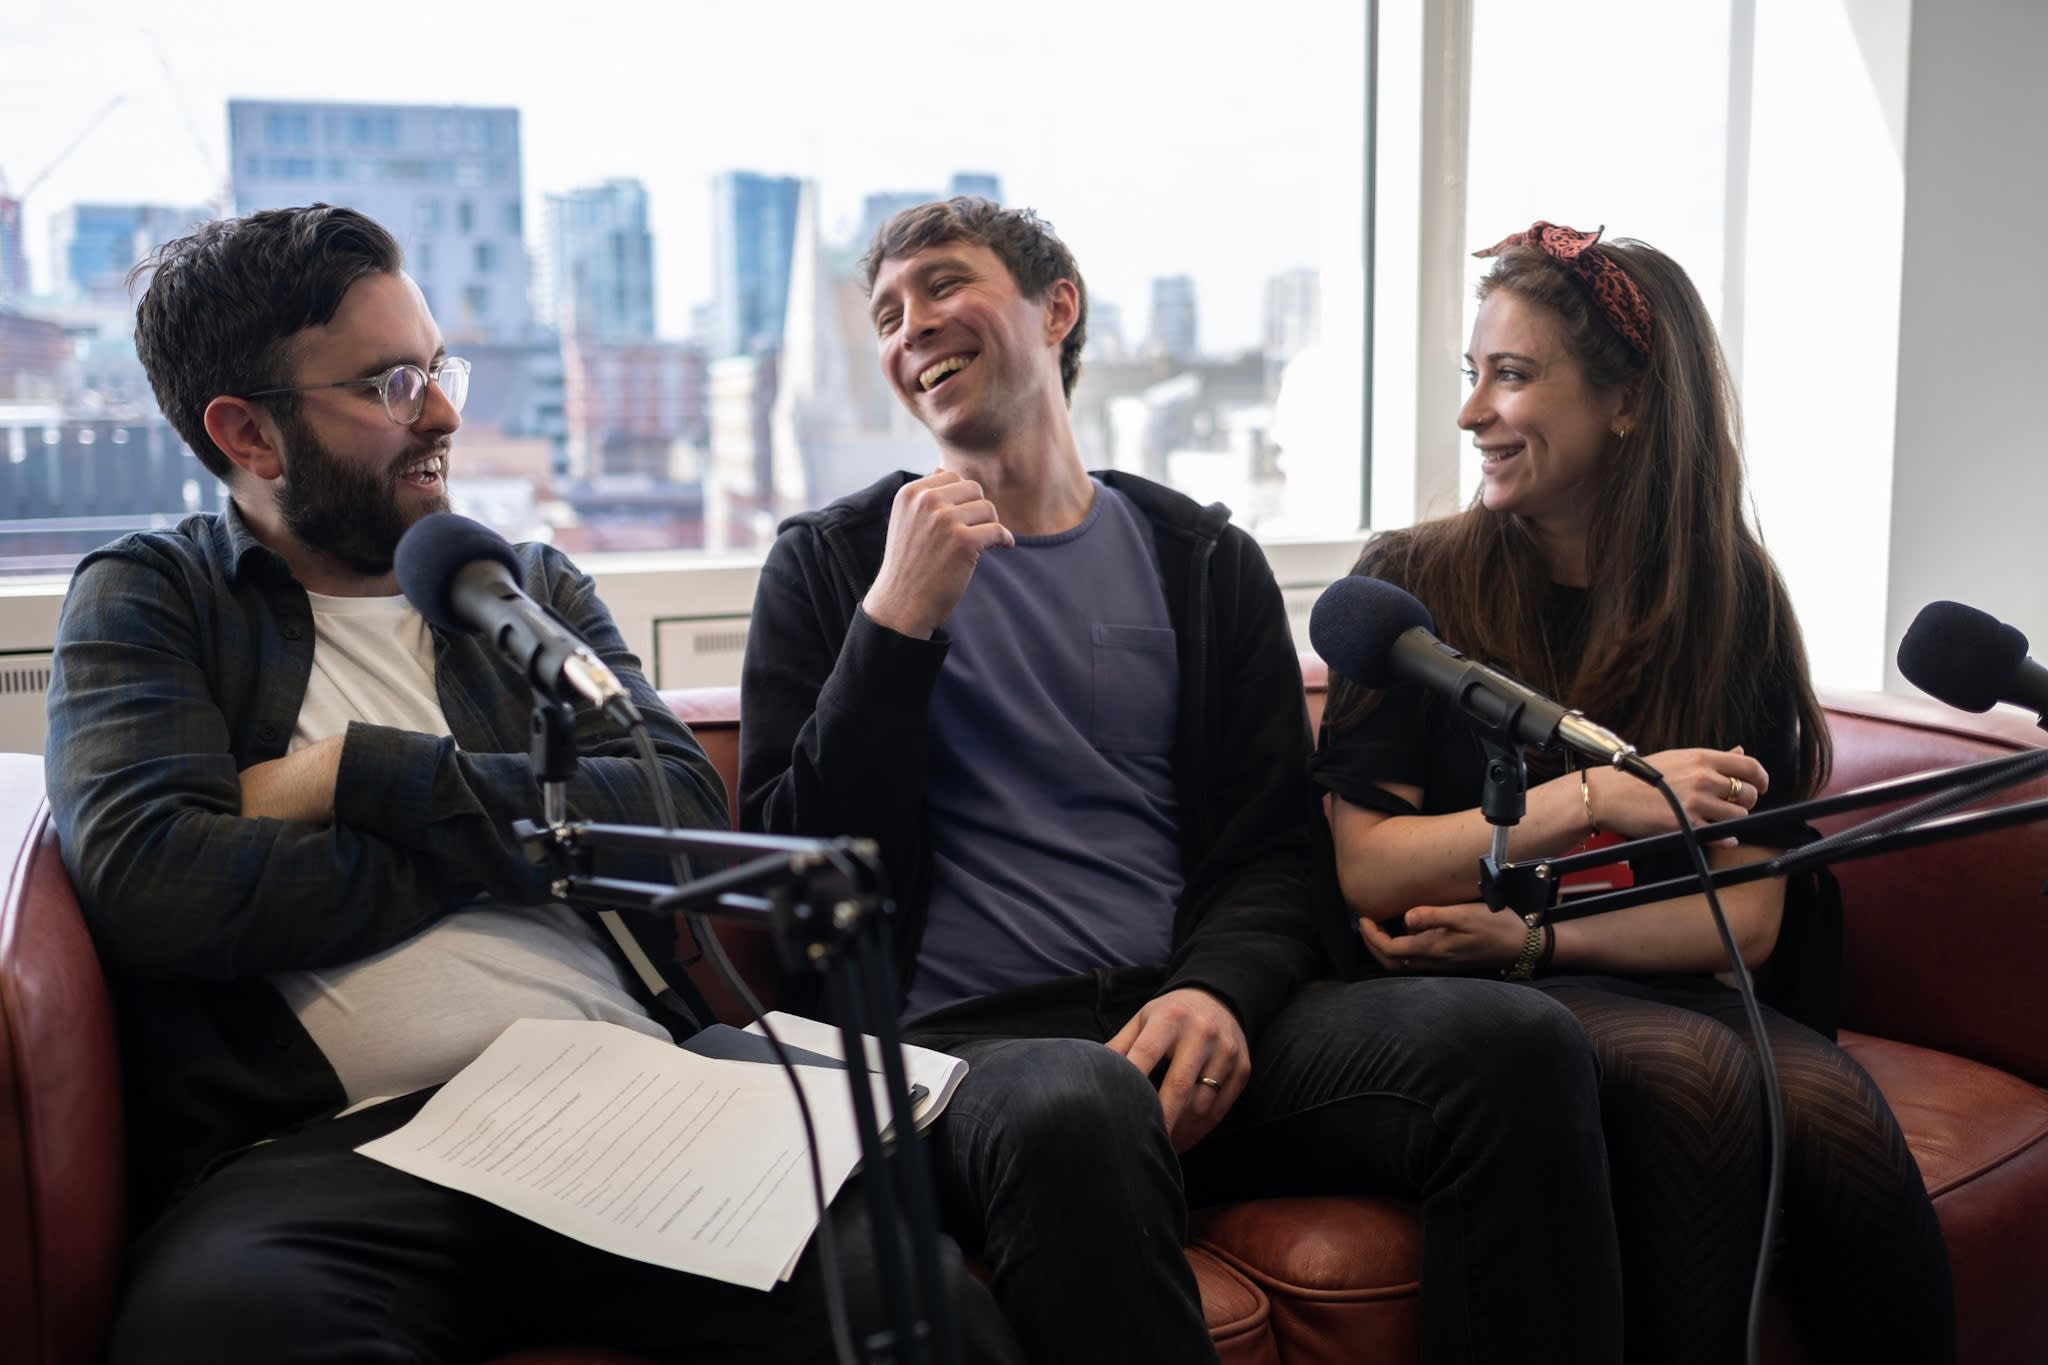 Podcast_Rob_Graig_Clem